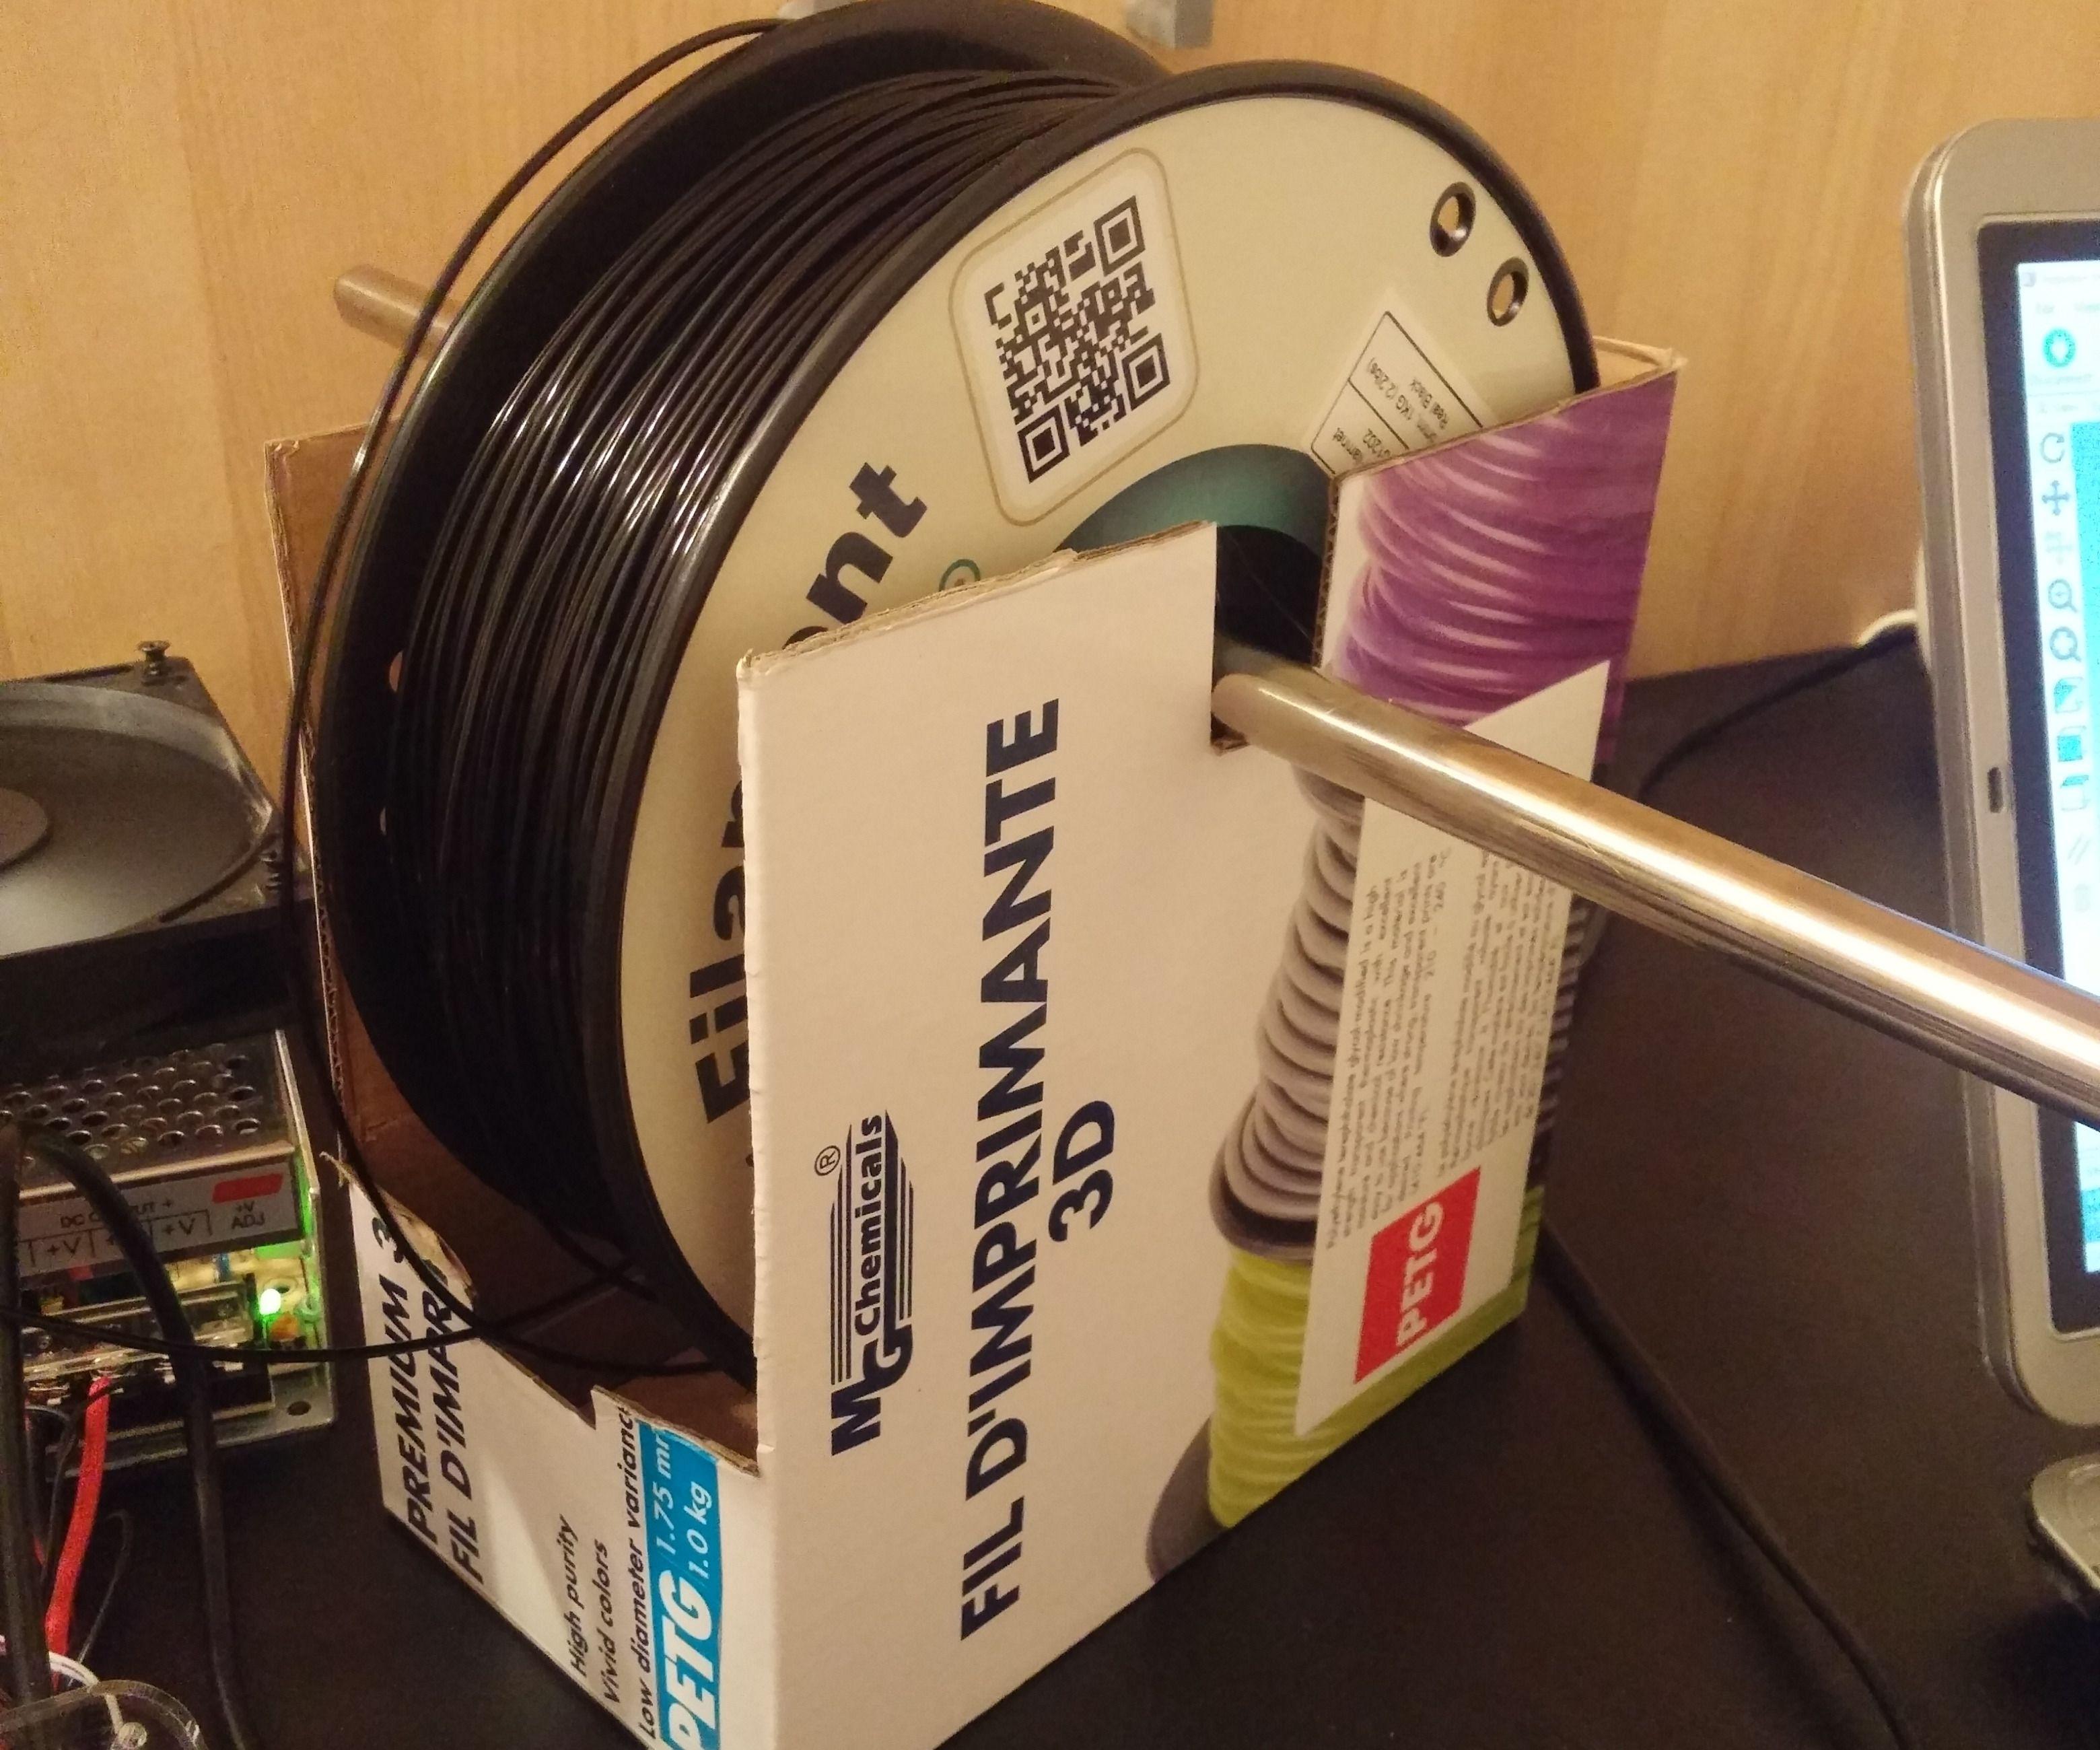 Life hack: 30 second 3D printer filament spool